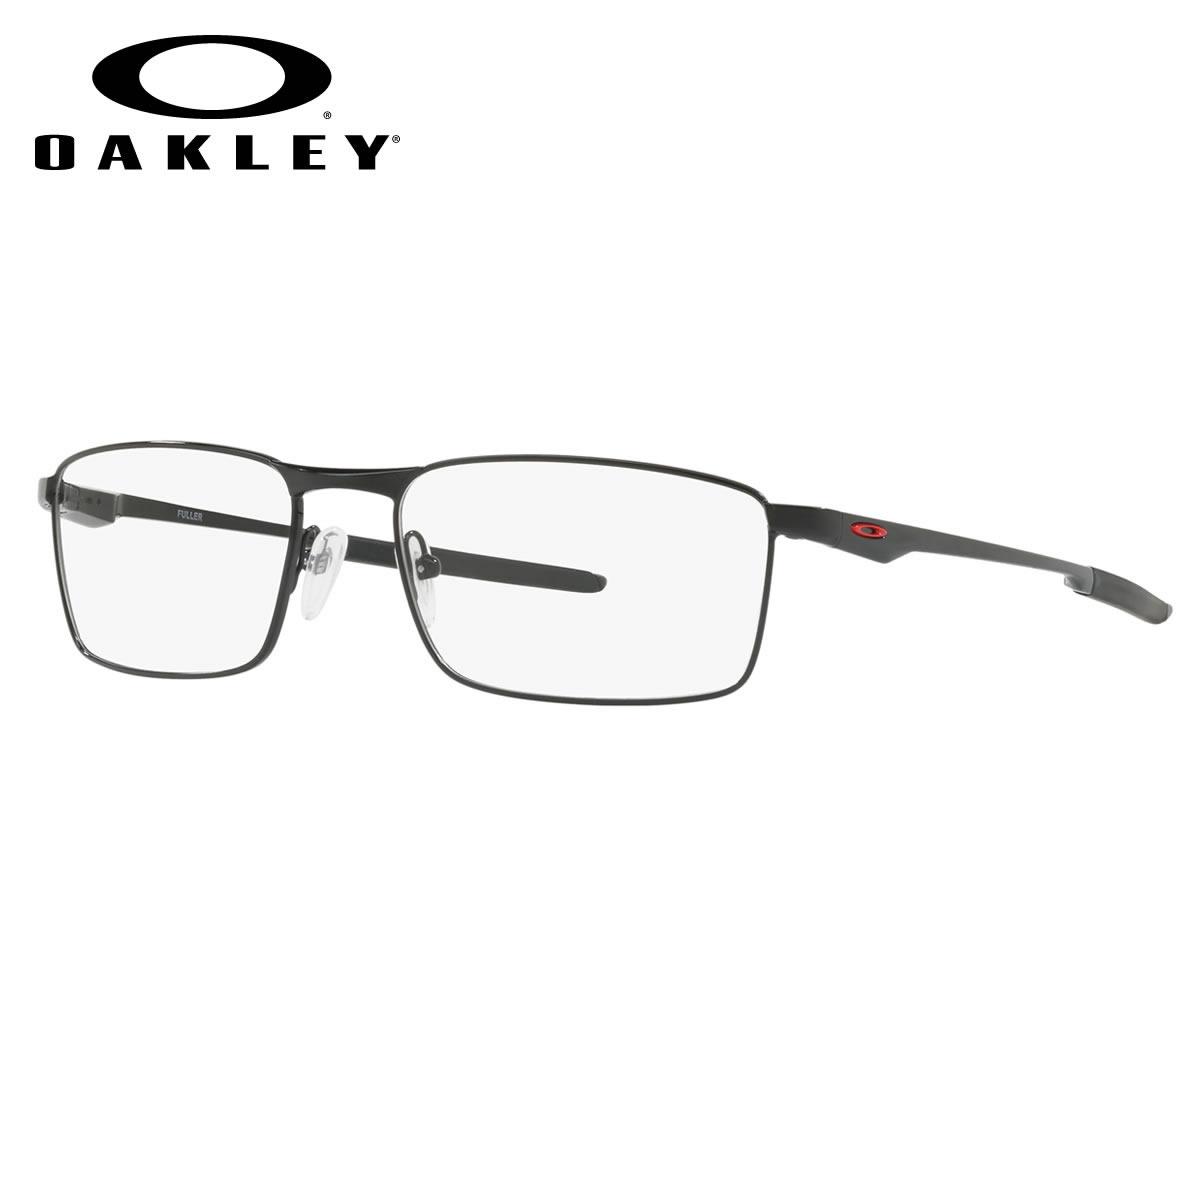 オークリー OAKLEY メガネ OX3227-03 FULLER フラー Pewter オークレー ブラック メンズ レディース